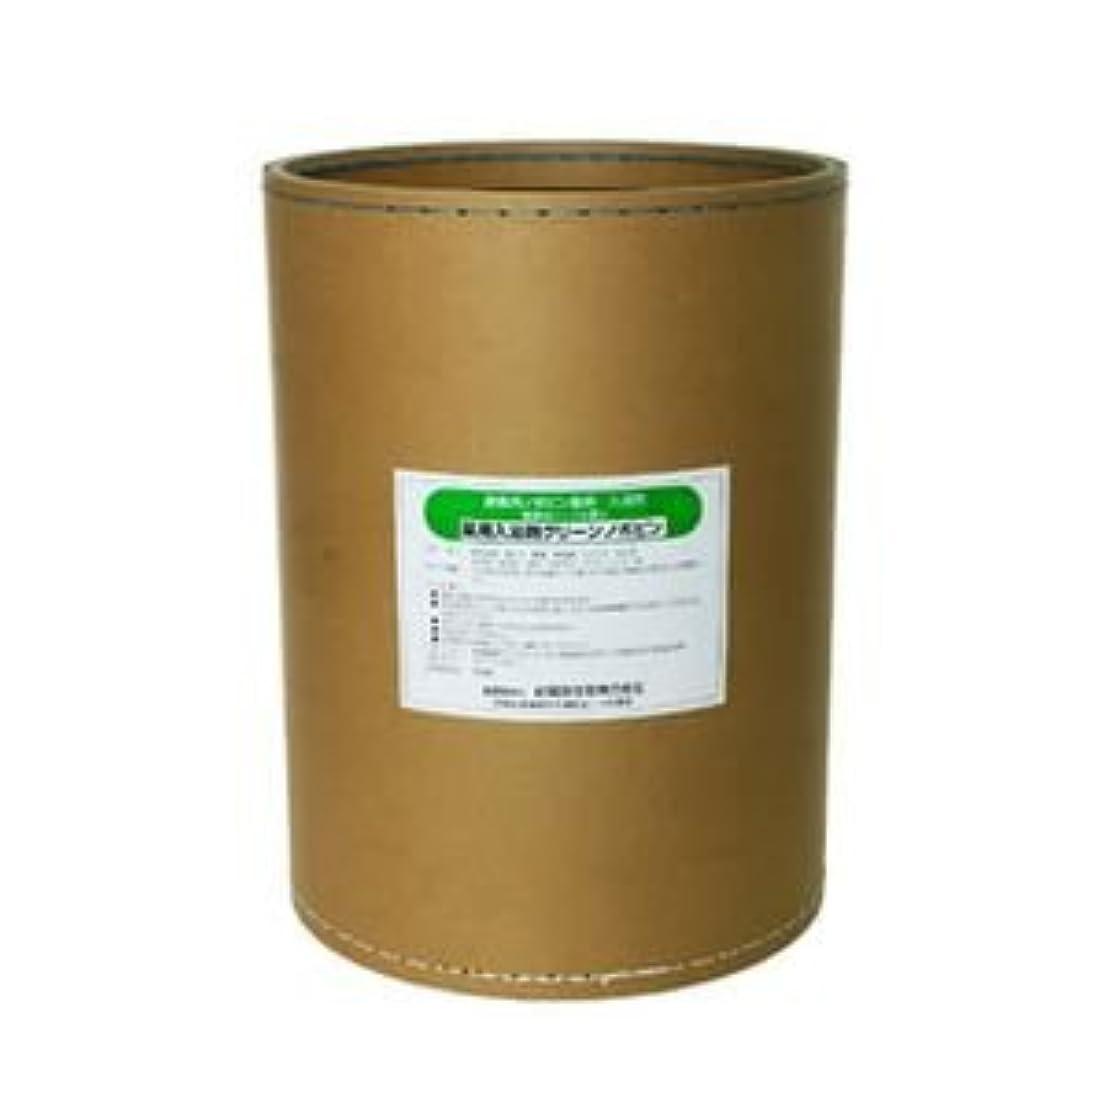 真鍮賞衝撃業務用入浴剤 グリーンノボピン 18kg